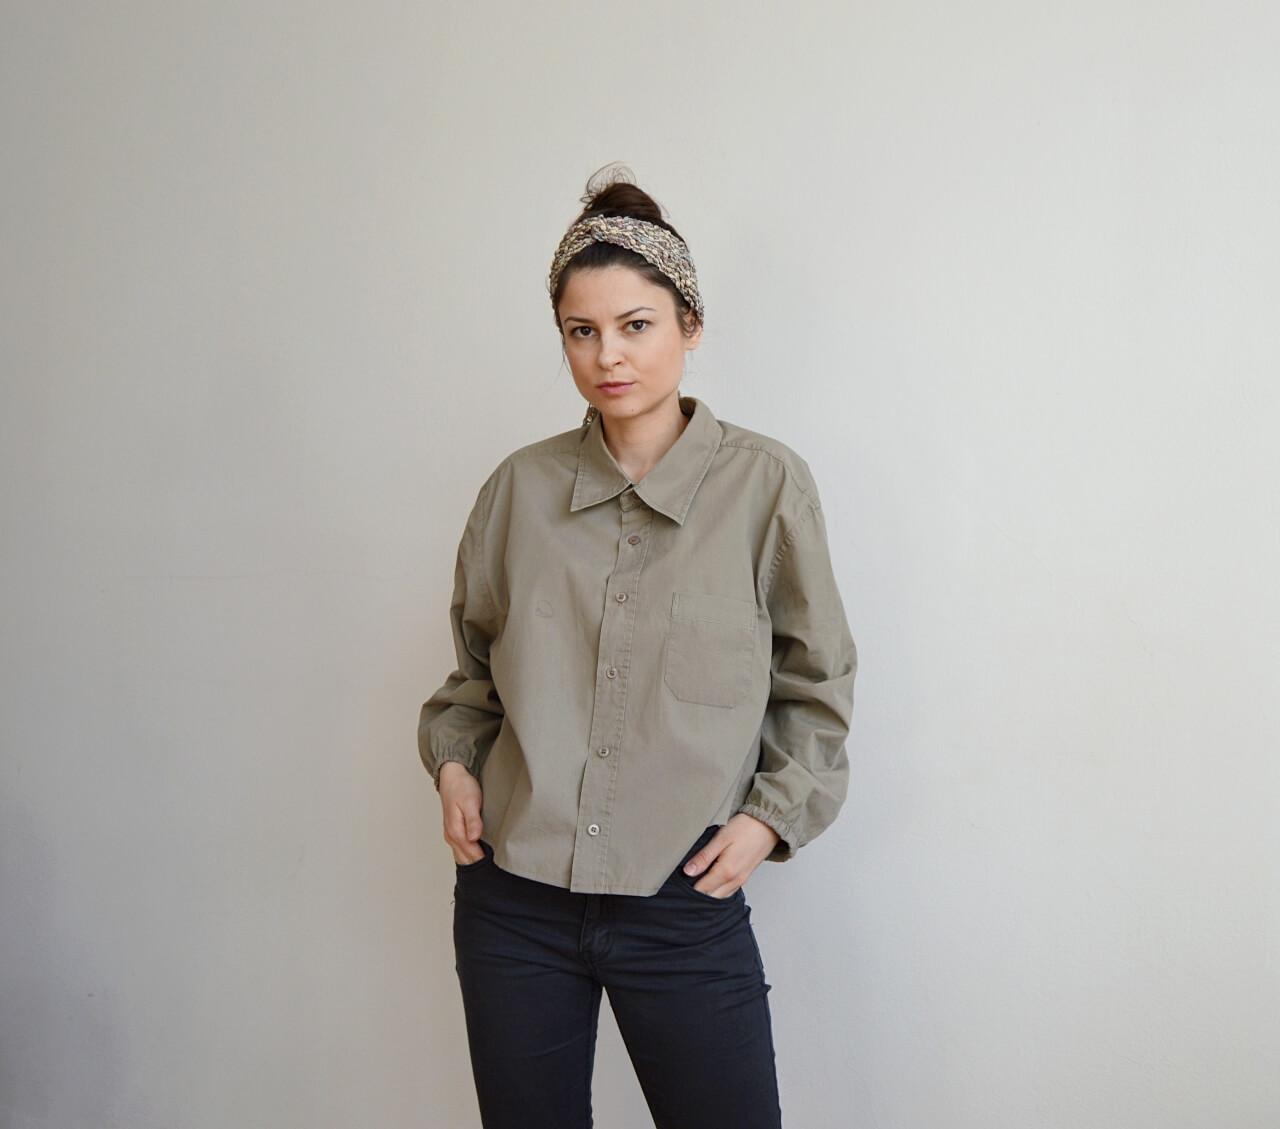 Upcyklovaná khaki zelená dámská košile